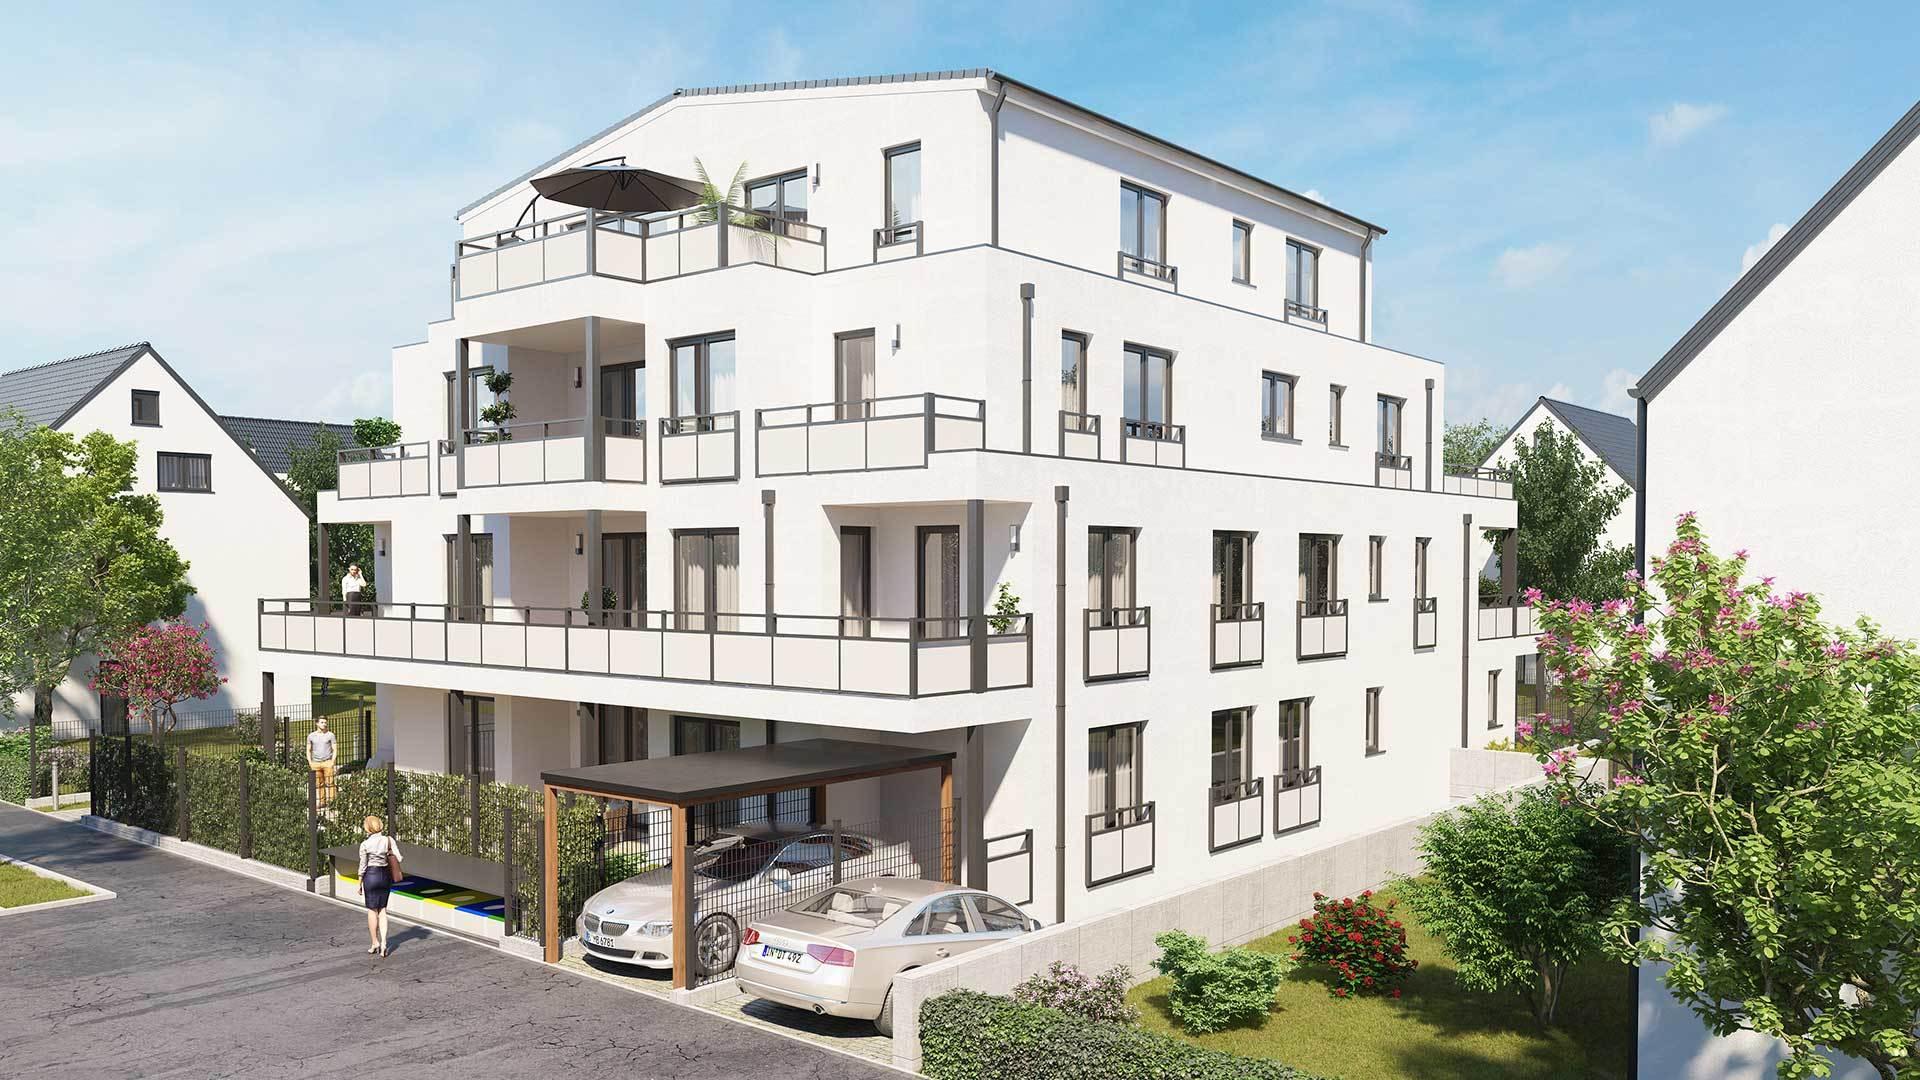 Stille-Immobilien-Uerdinger-Str.-790-Ideal-für-Senioren-Moderne-Gartenwohnung-3